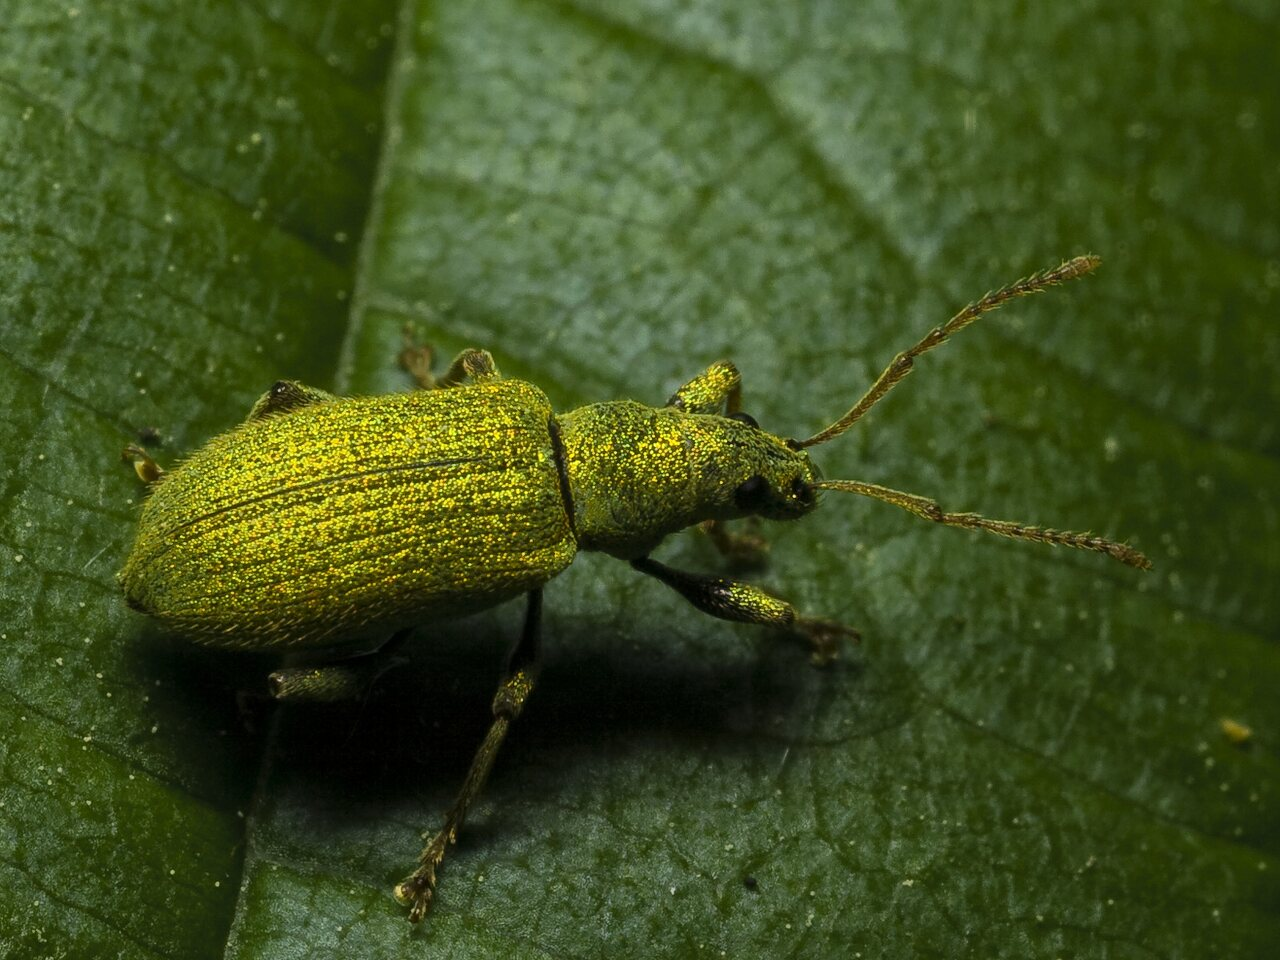 Phyllobius-argentatus-0156.jpg